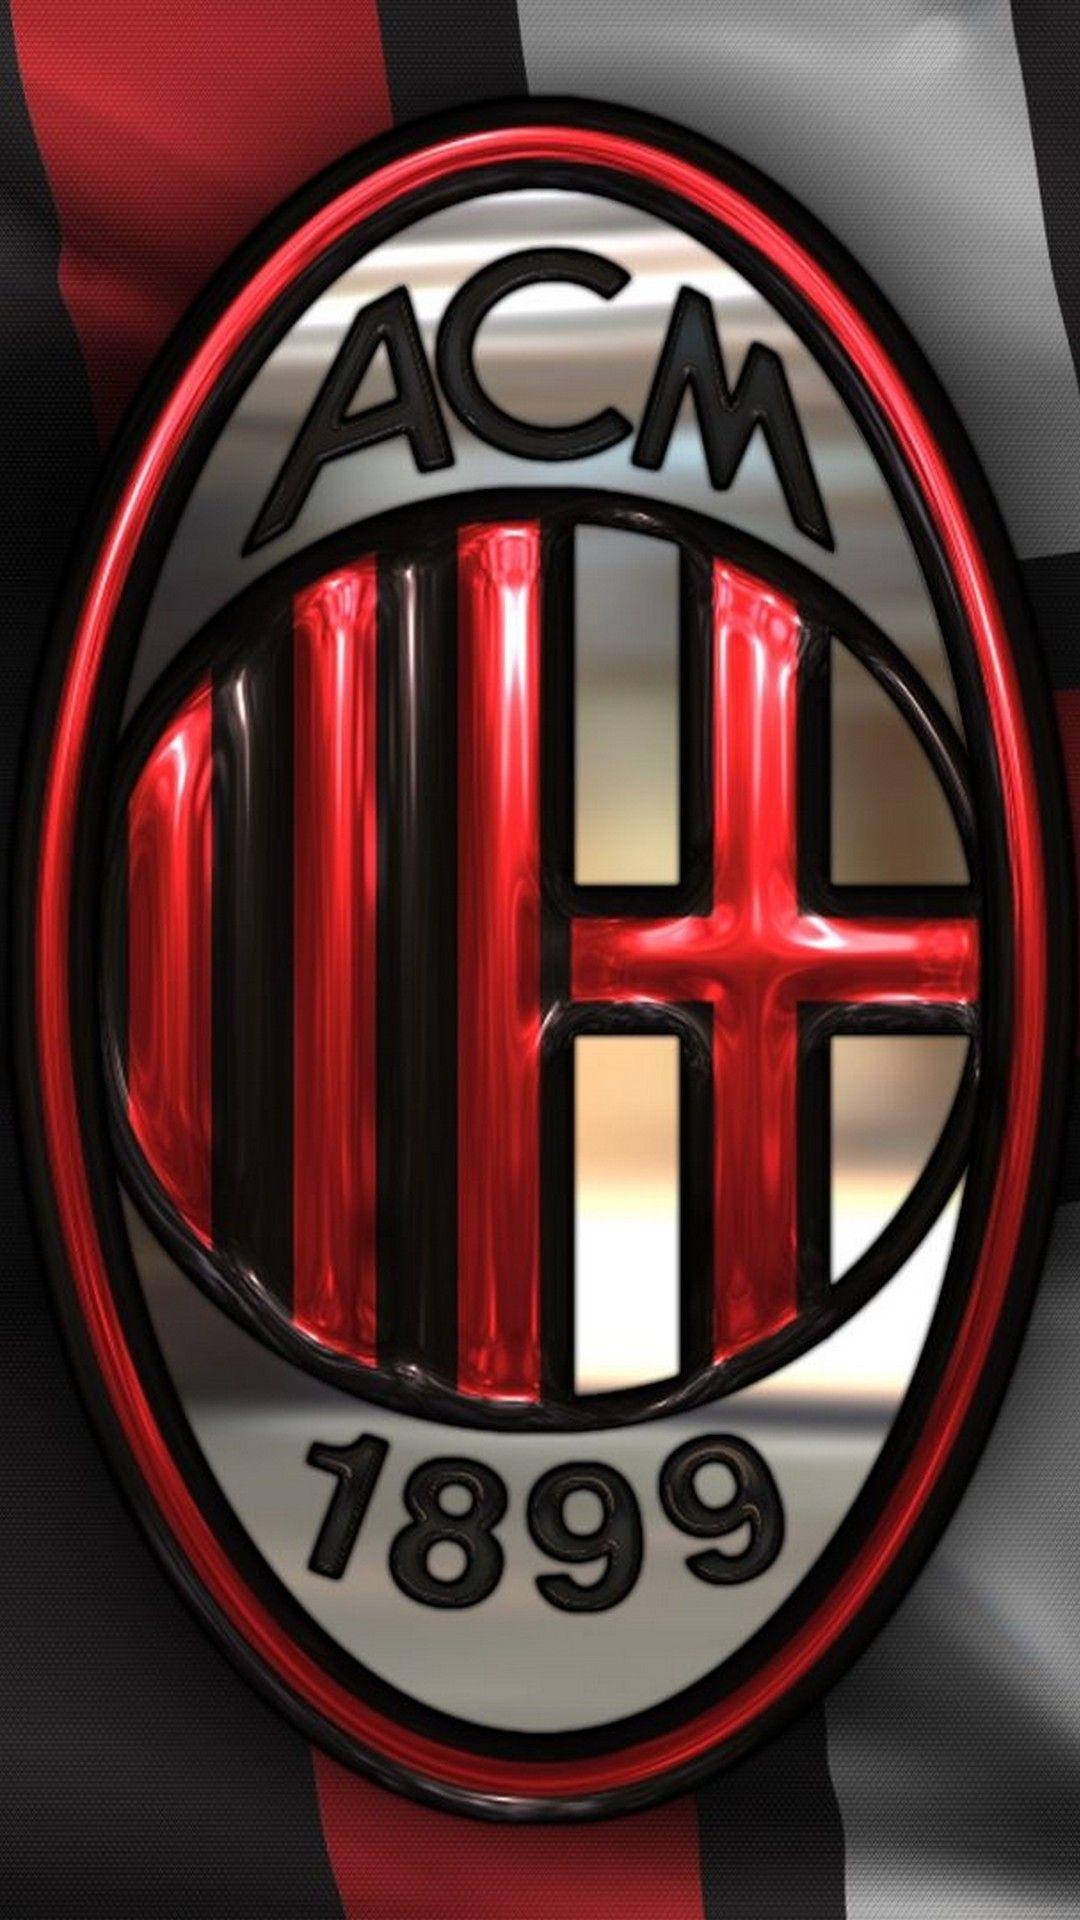 Ac Milan Iphone Wallpapers Foto Di Calcio Squadra Di Calcio Calcio